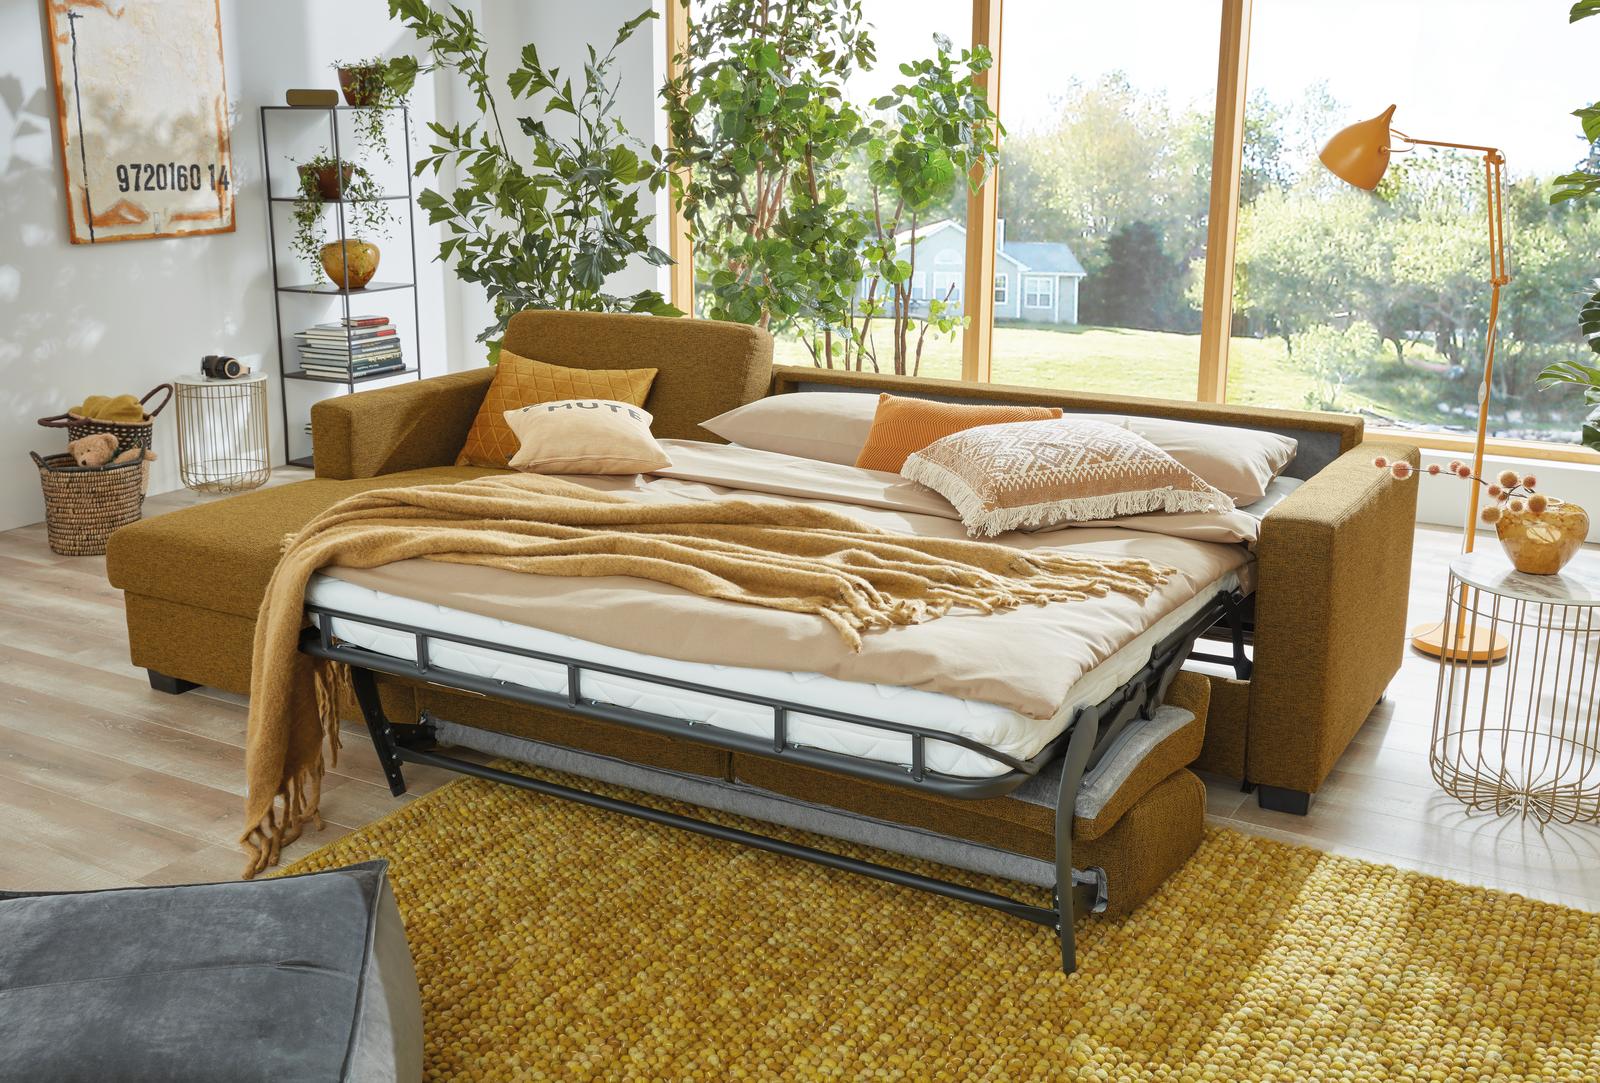 Schlafsofa mit Chaiselounge und Doppelbett Funktion